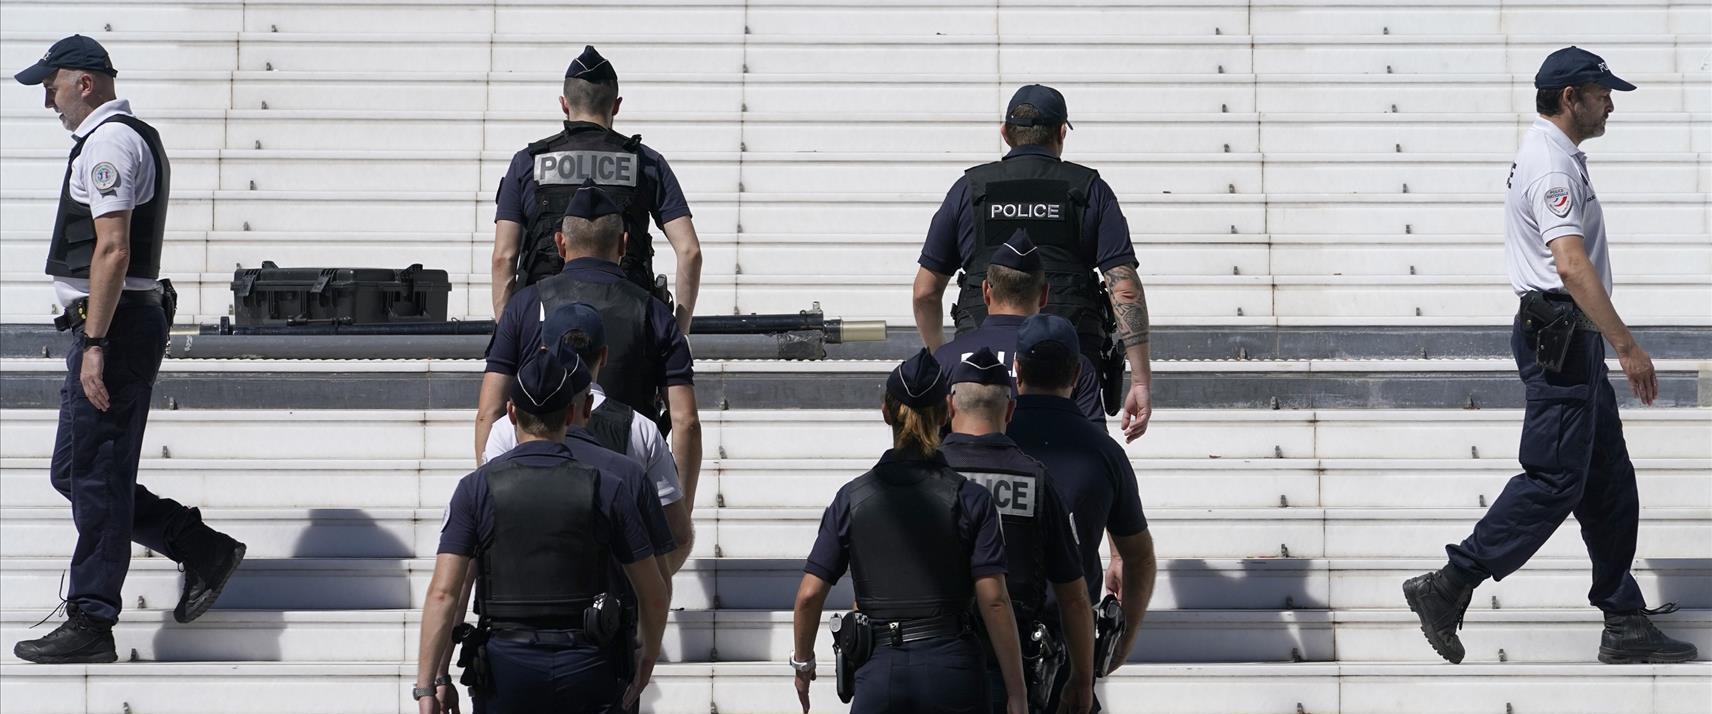 משטרת צרפת